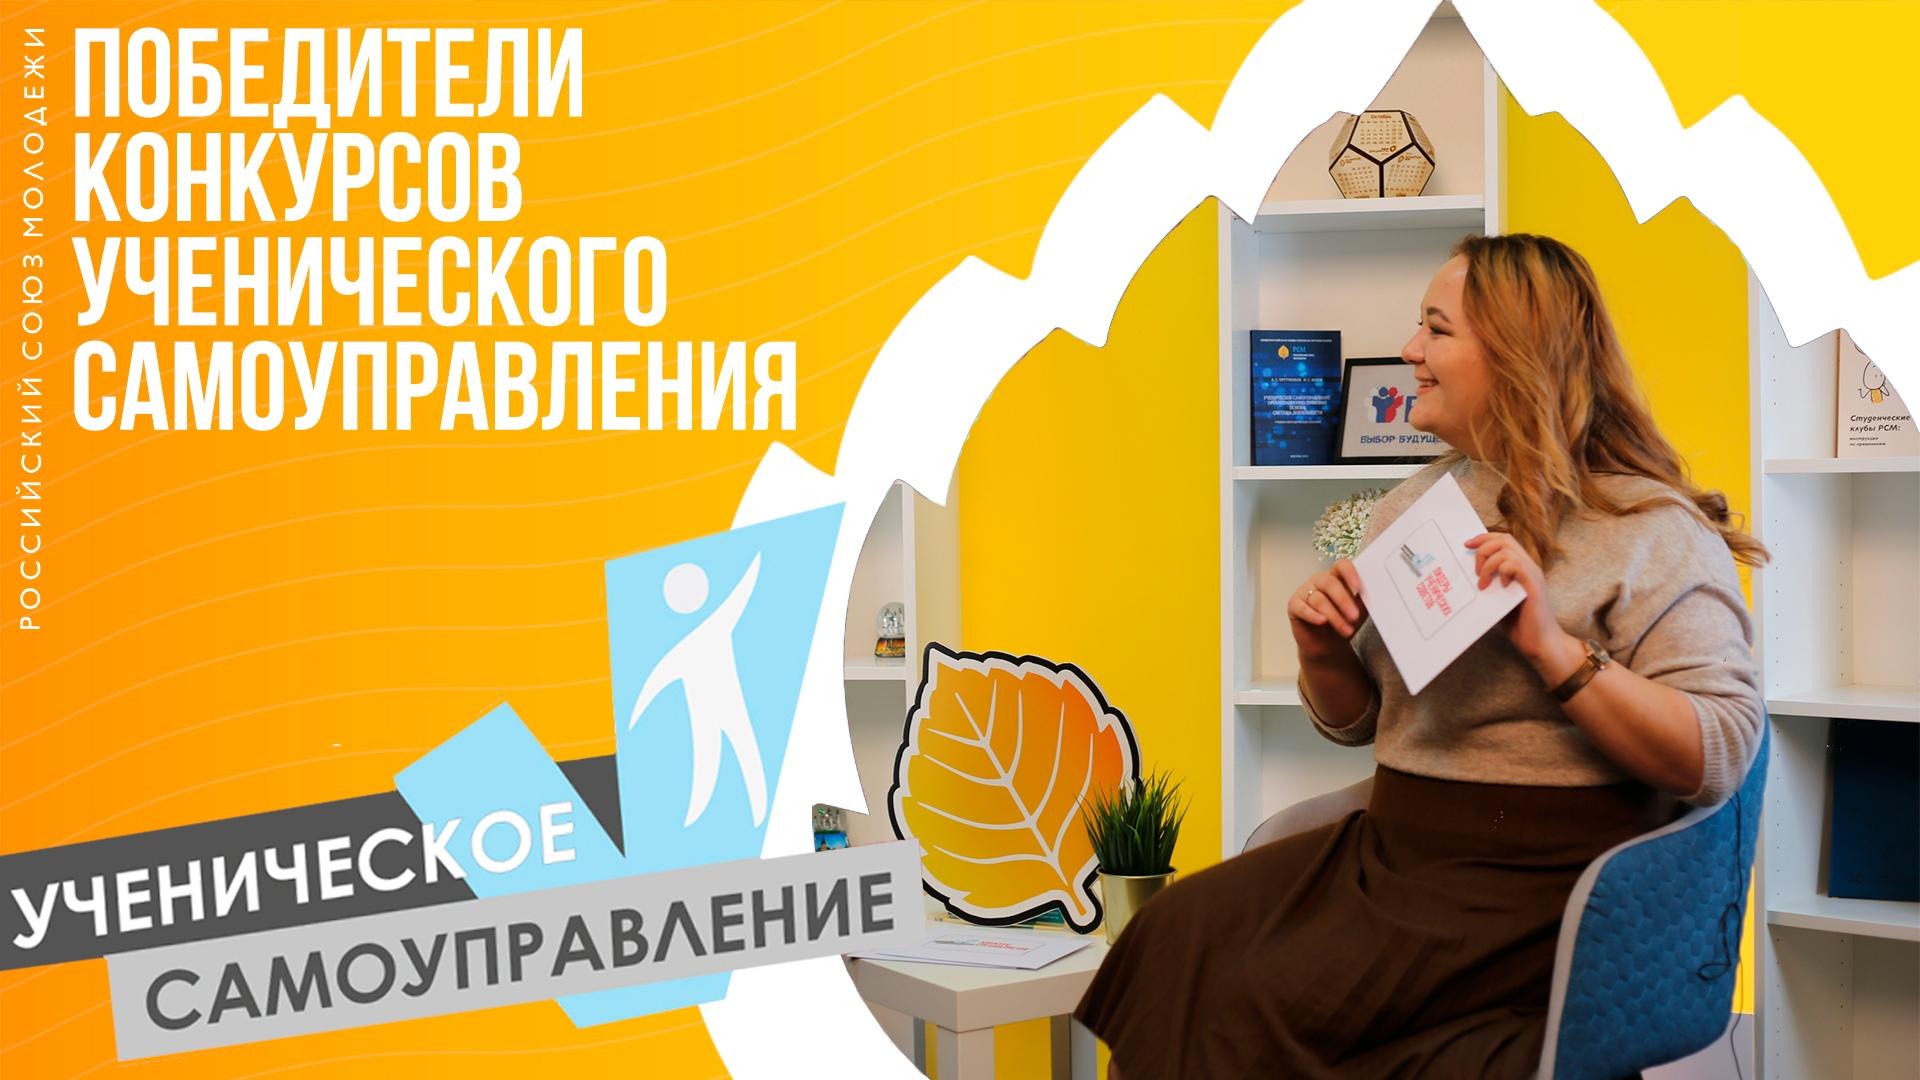 Обучающиеся Ленинградской области в десятке лучших в России по ученическому самоуправлению!